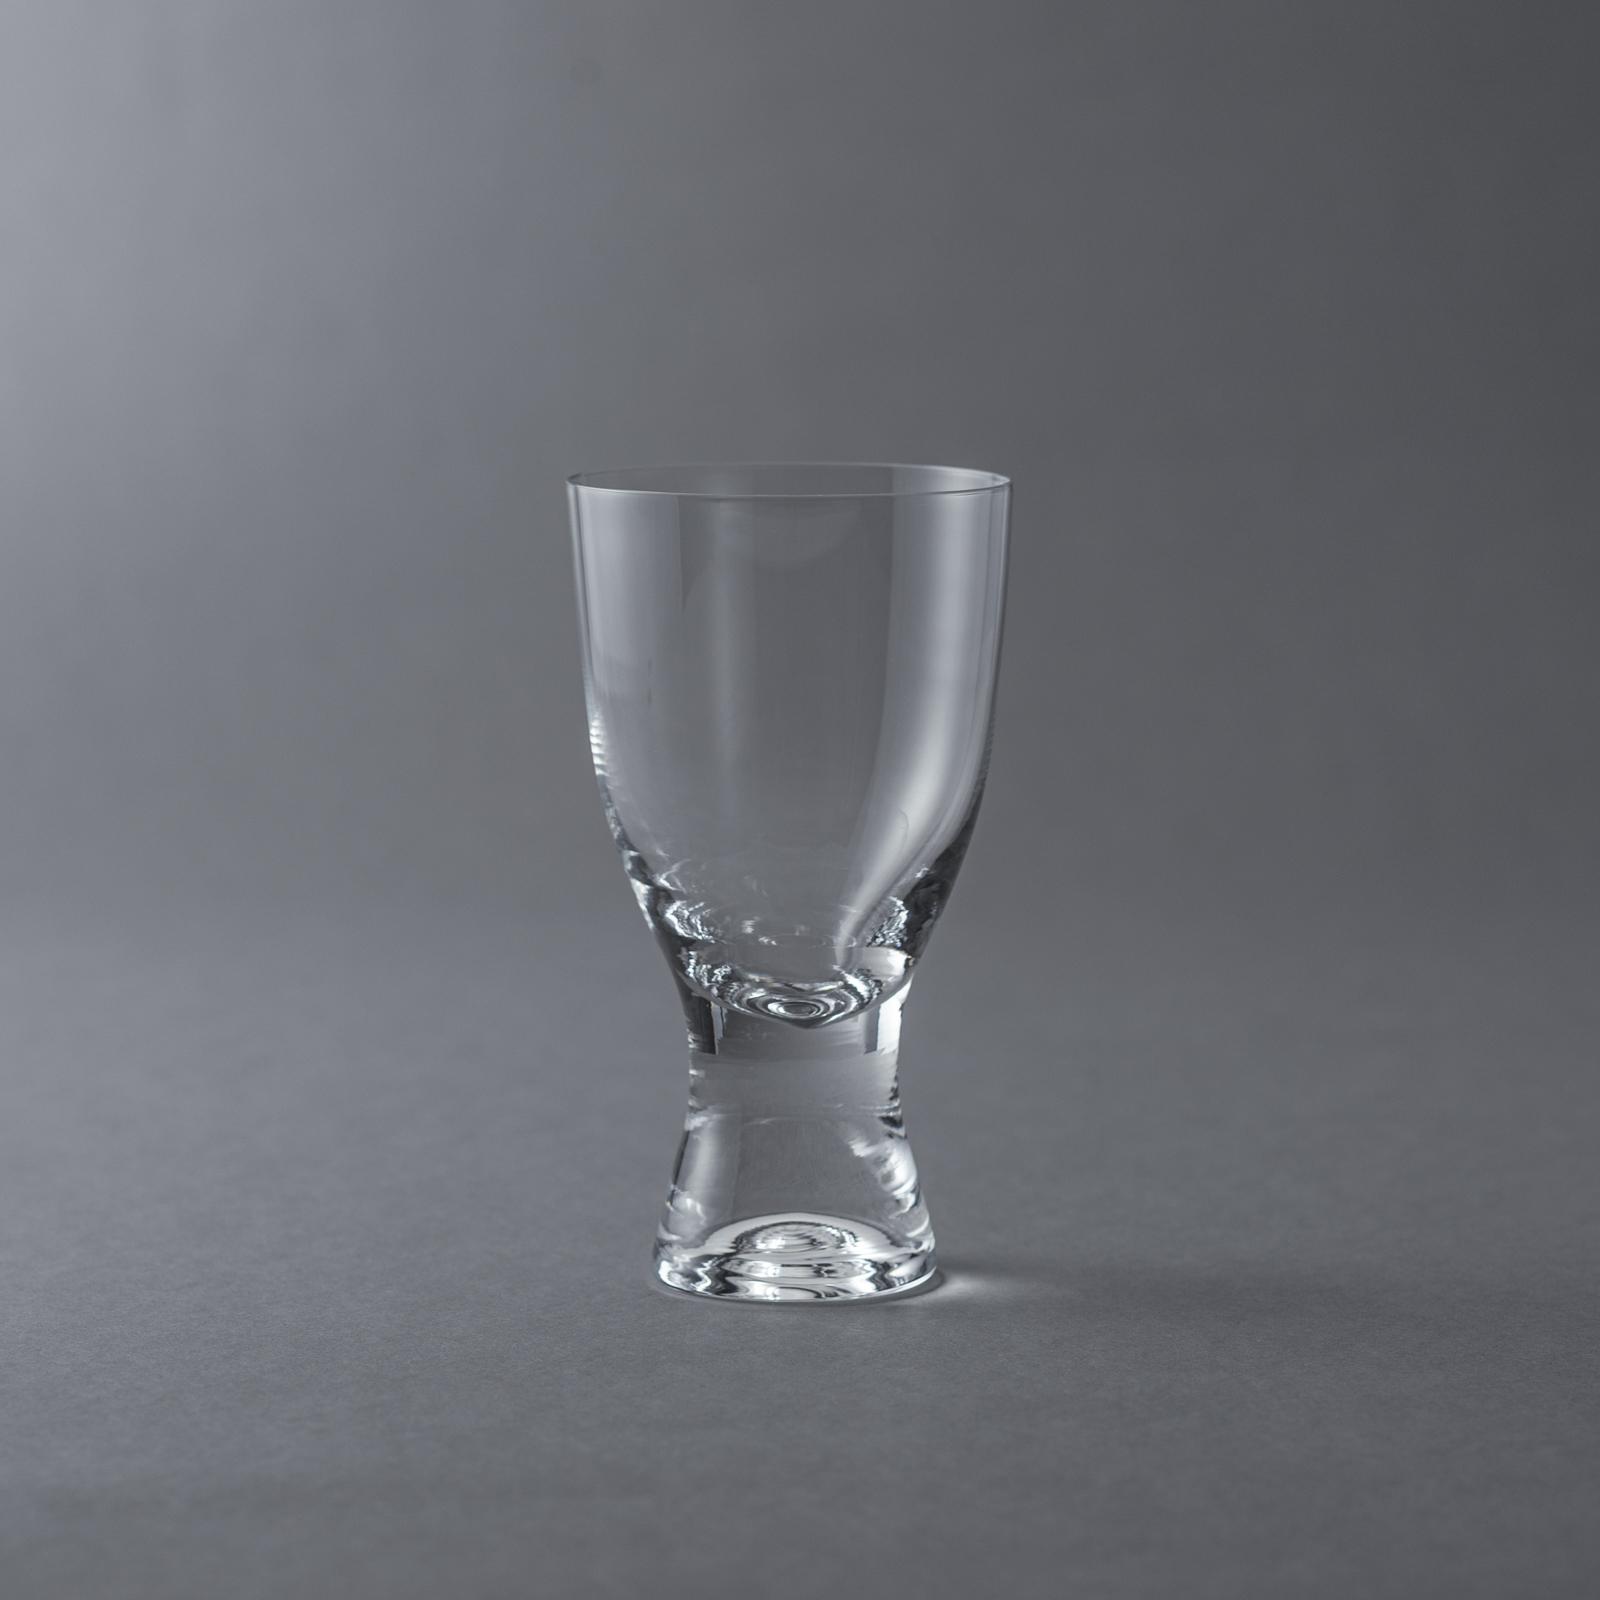 BOHEMIA Cristal _ ファウンテン / ワインタンブラー